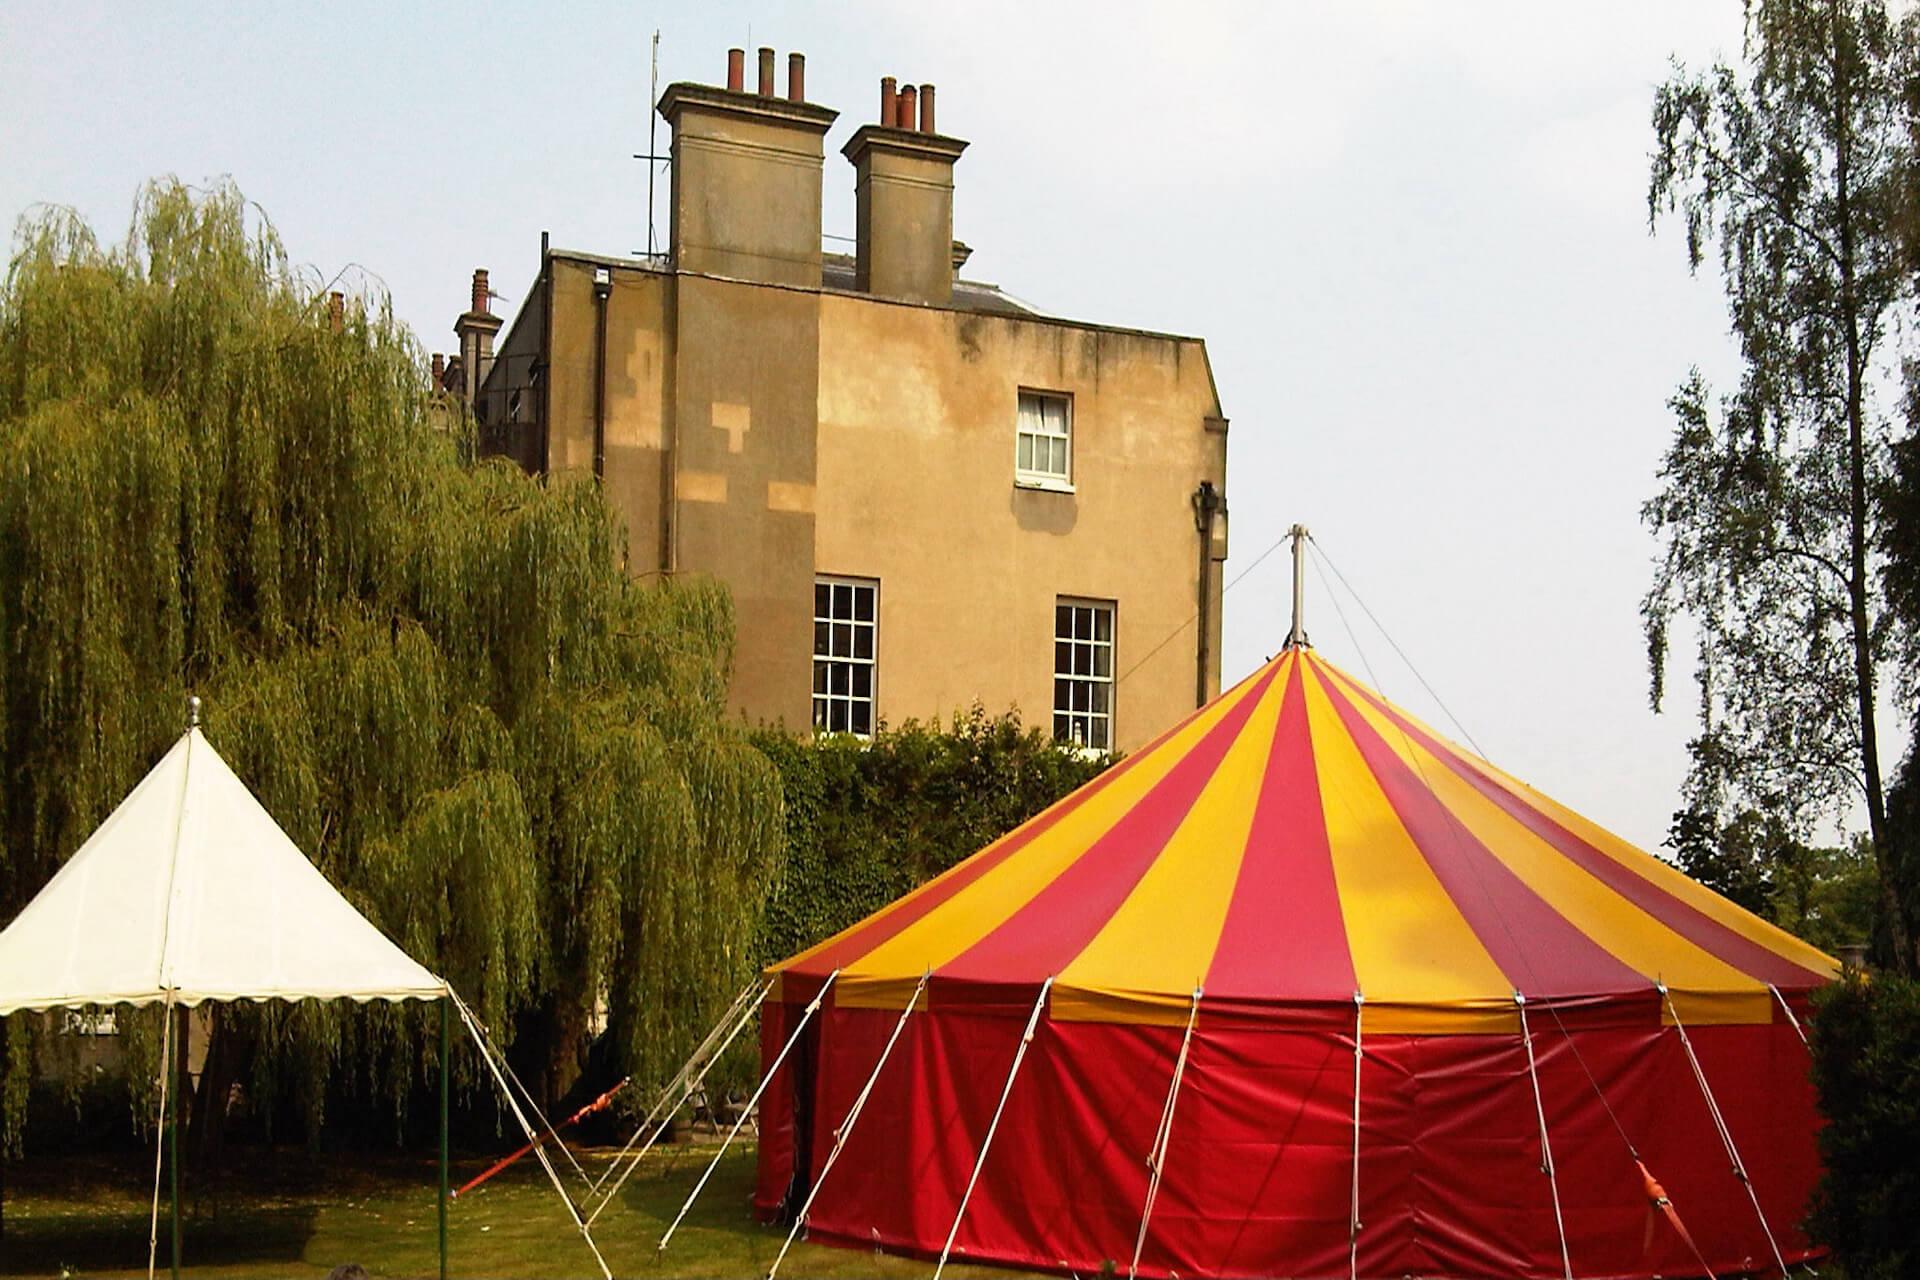 colourful london garden party